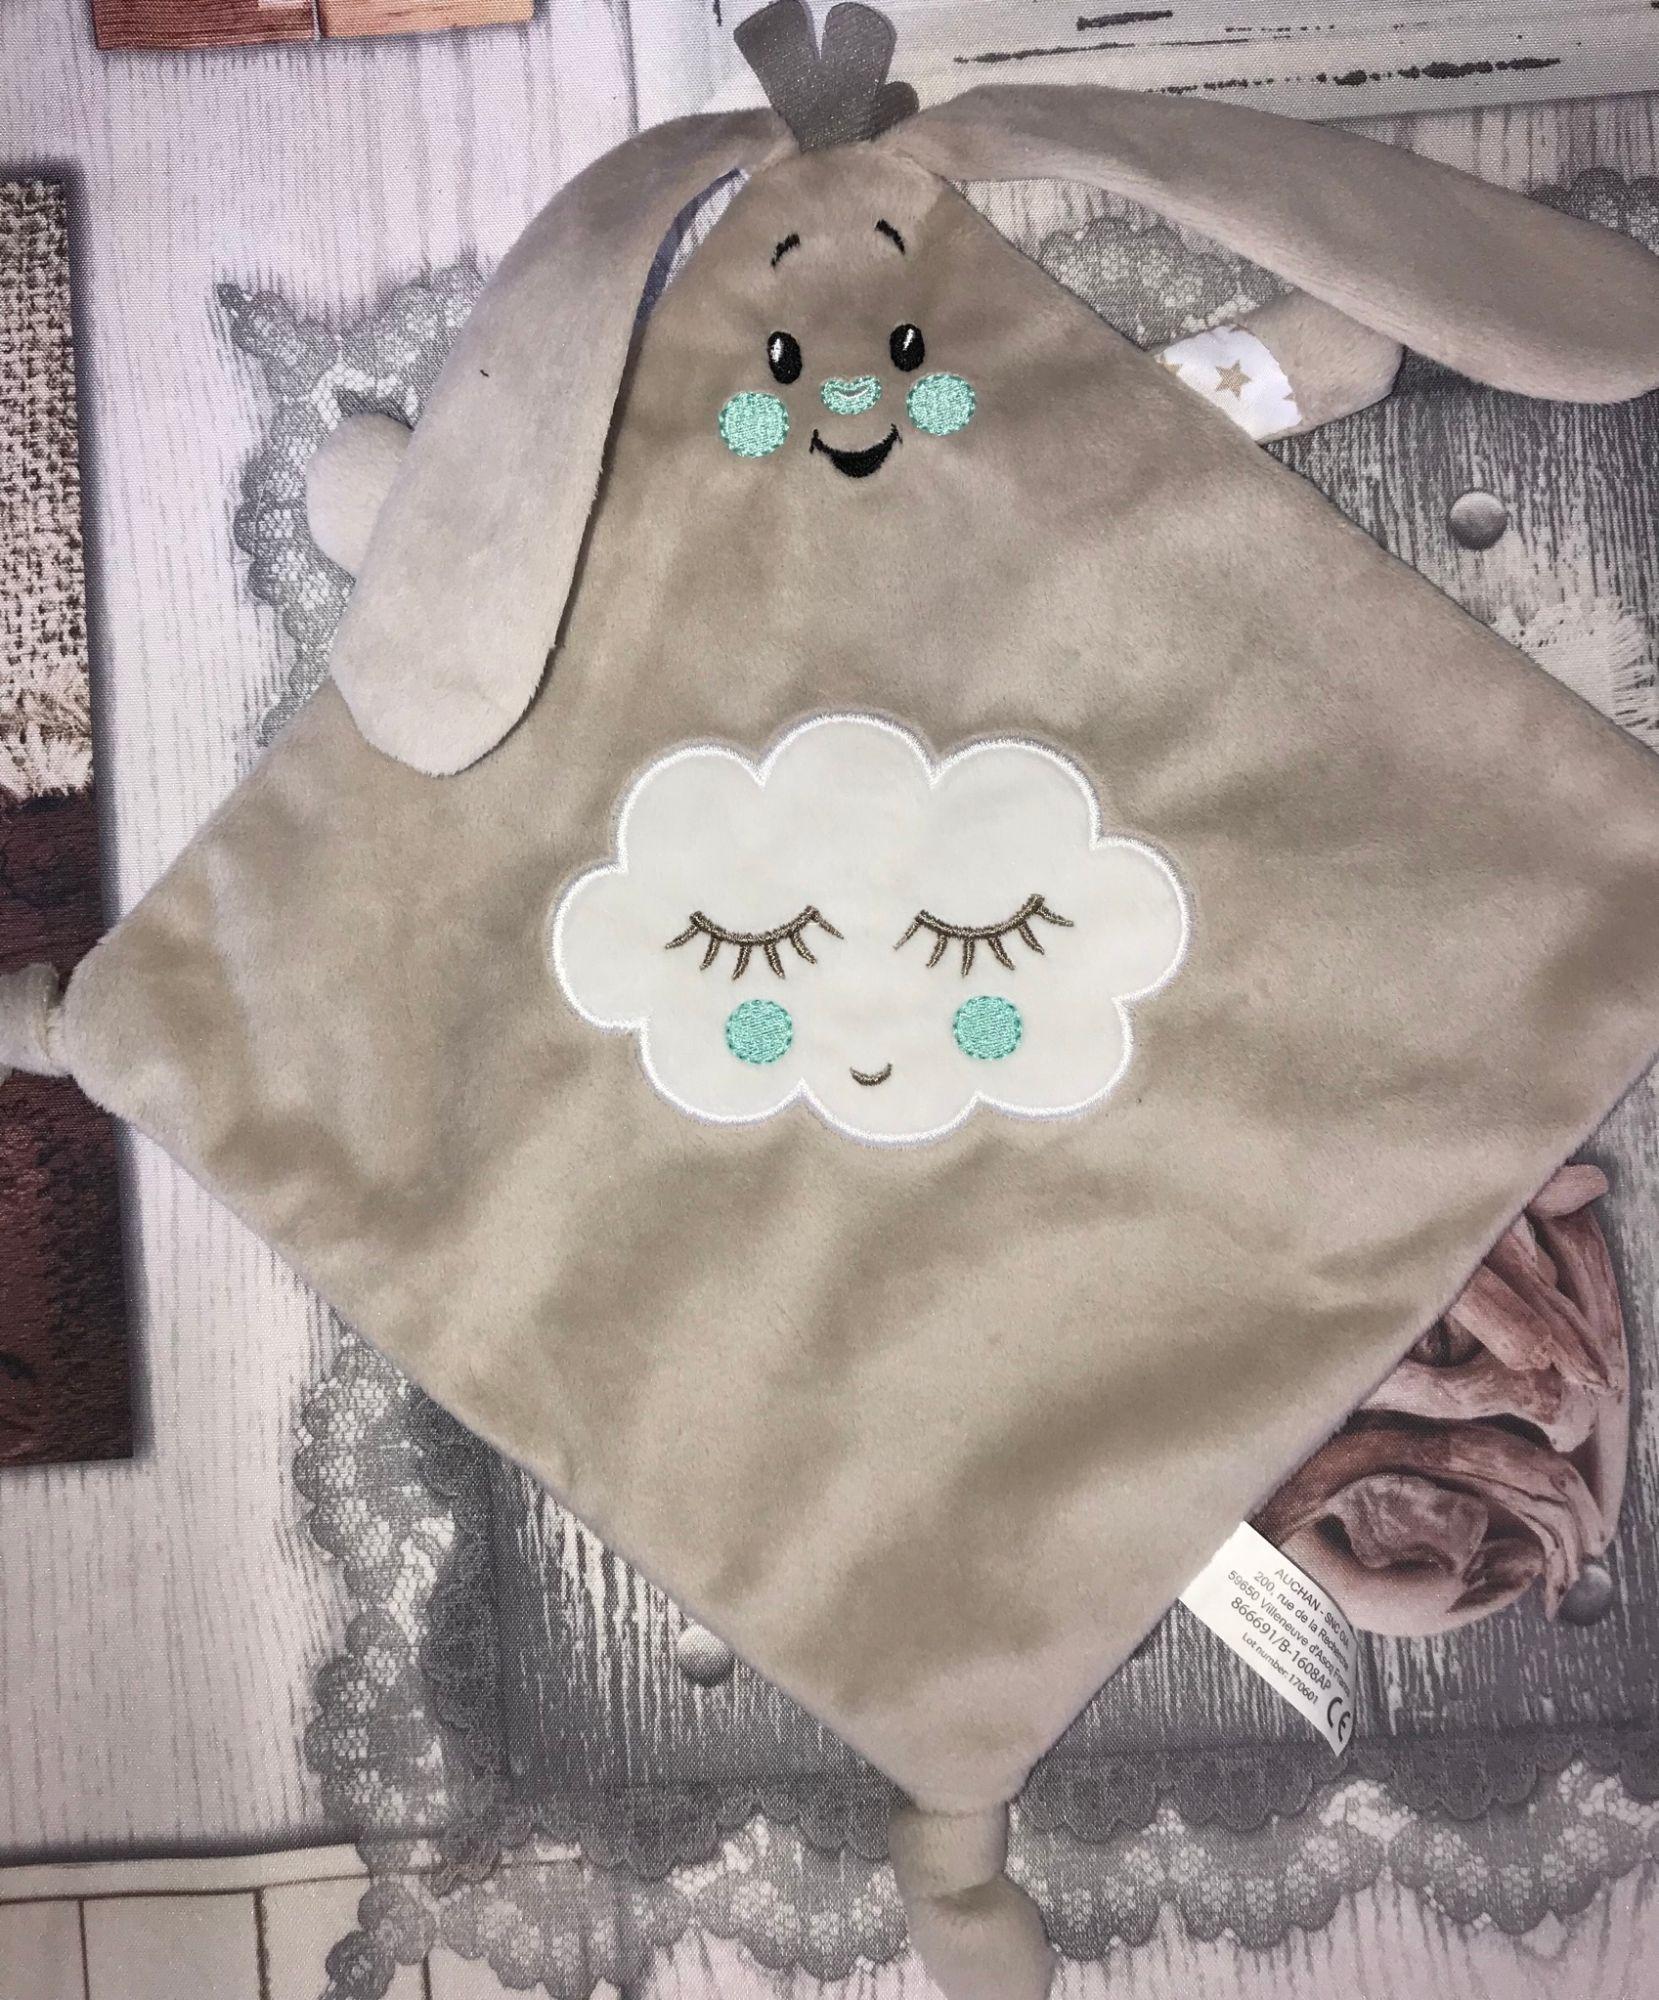 doudou lapin plat beige nuage auchan jouet peluche bebe